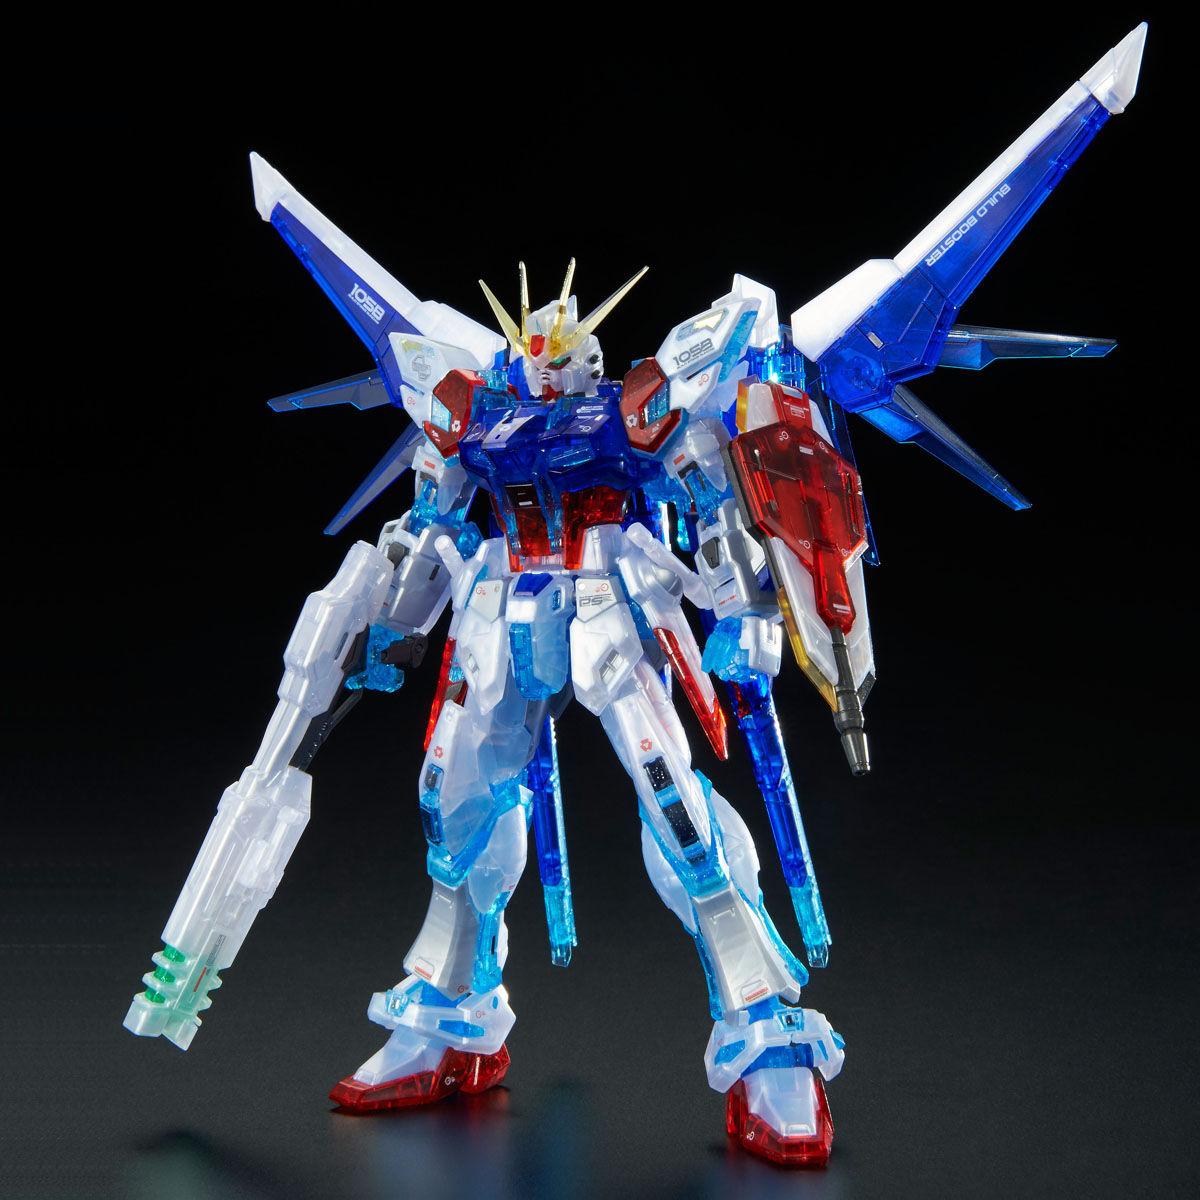 RG 1/144 GAT-X105B/FP ビルドストライクガンダム フルパッケージ(RGシステムイメージカラー) [Build Strike Gundam Full Package (RG System Image Color)]